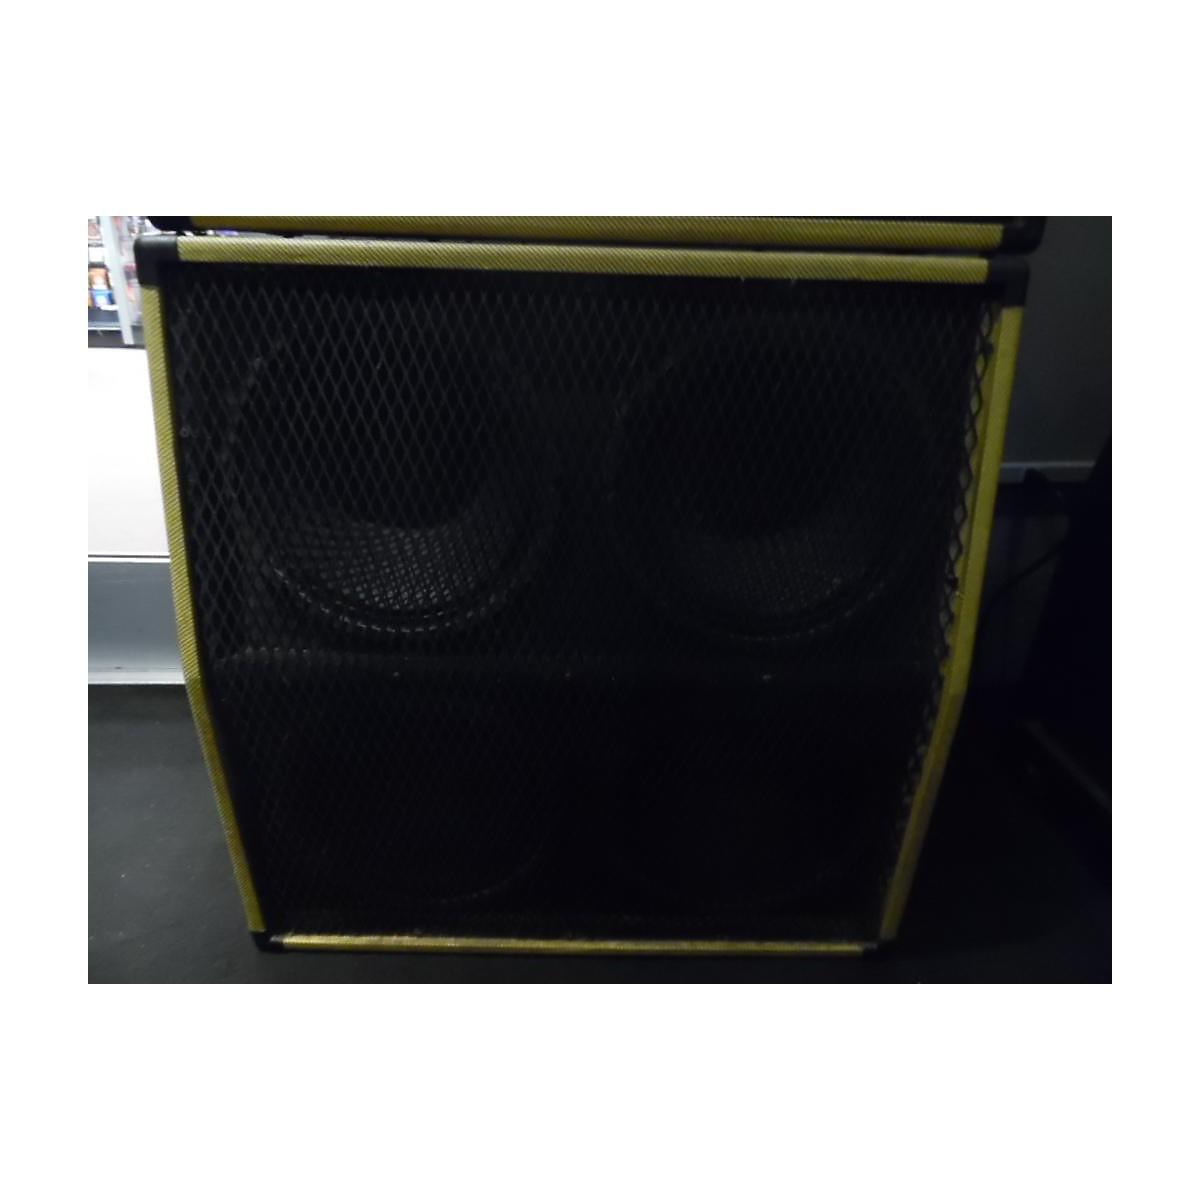 Tubeworks 4x12 Tweed Slant Cabinet Guitar Cabinet